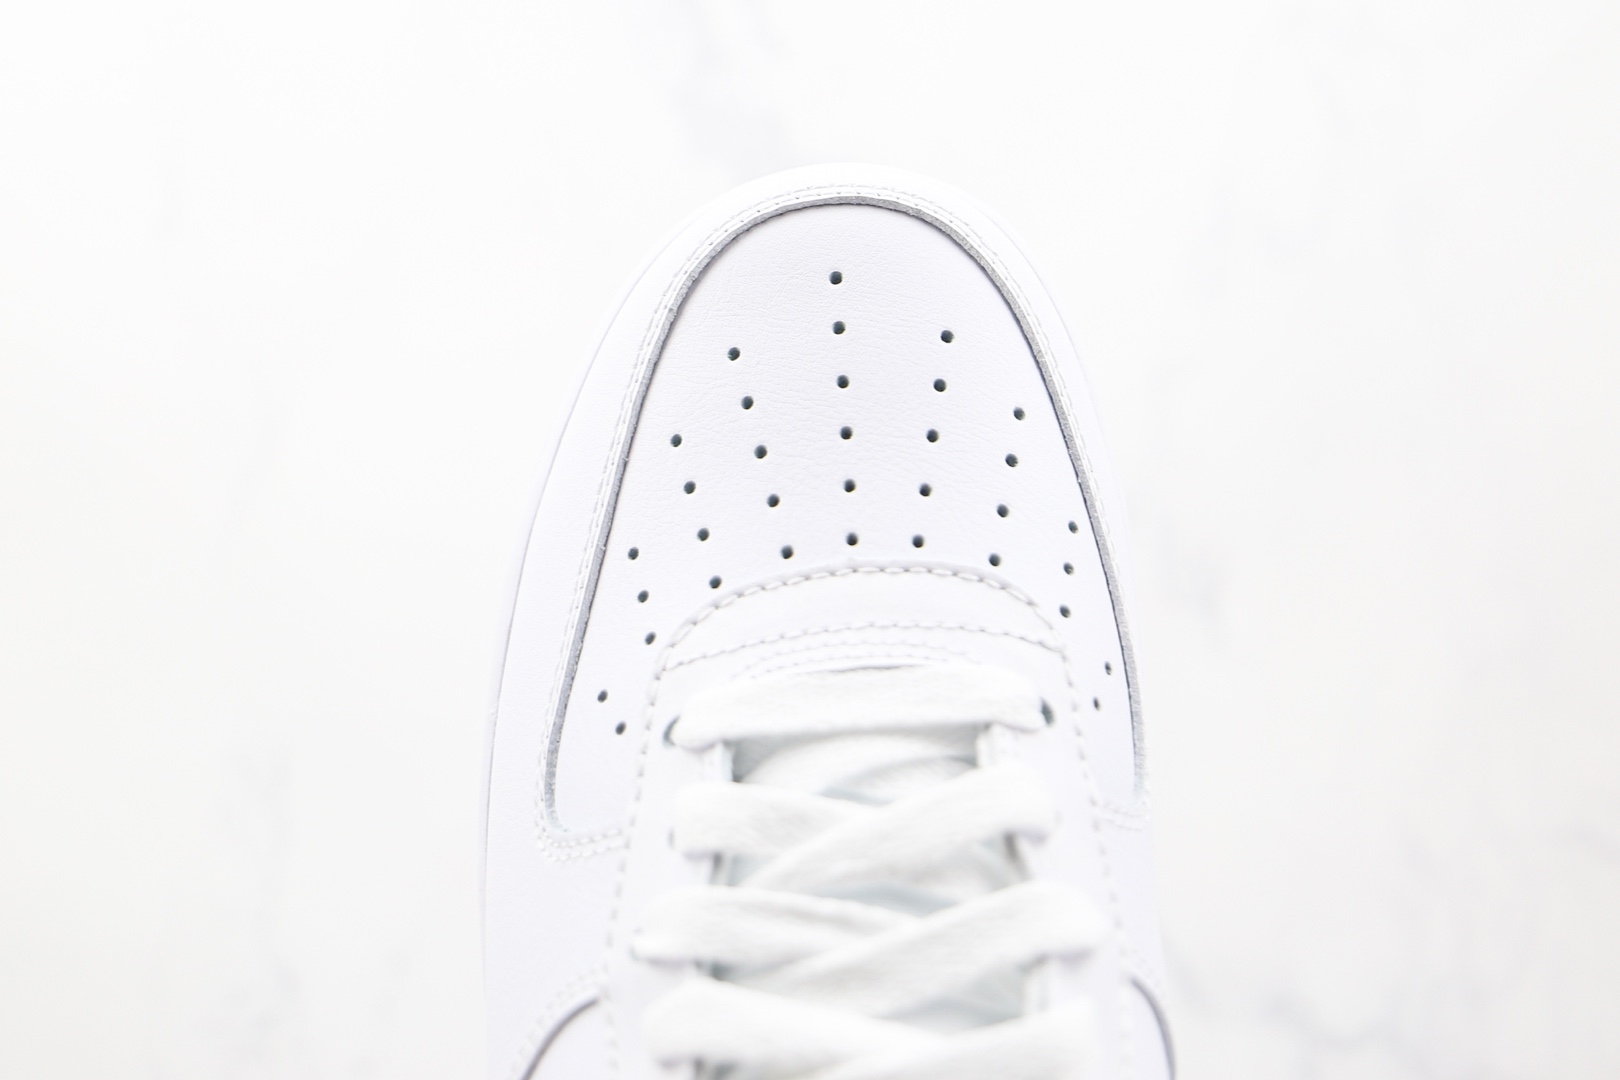 耐克Nike Air Force 1 Low纯原版本低帮空军一号白黑色板鞋内置Sole气垫 货号:CT2302-100